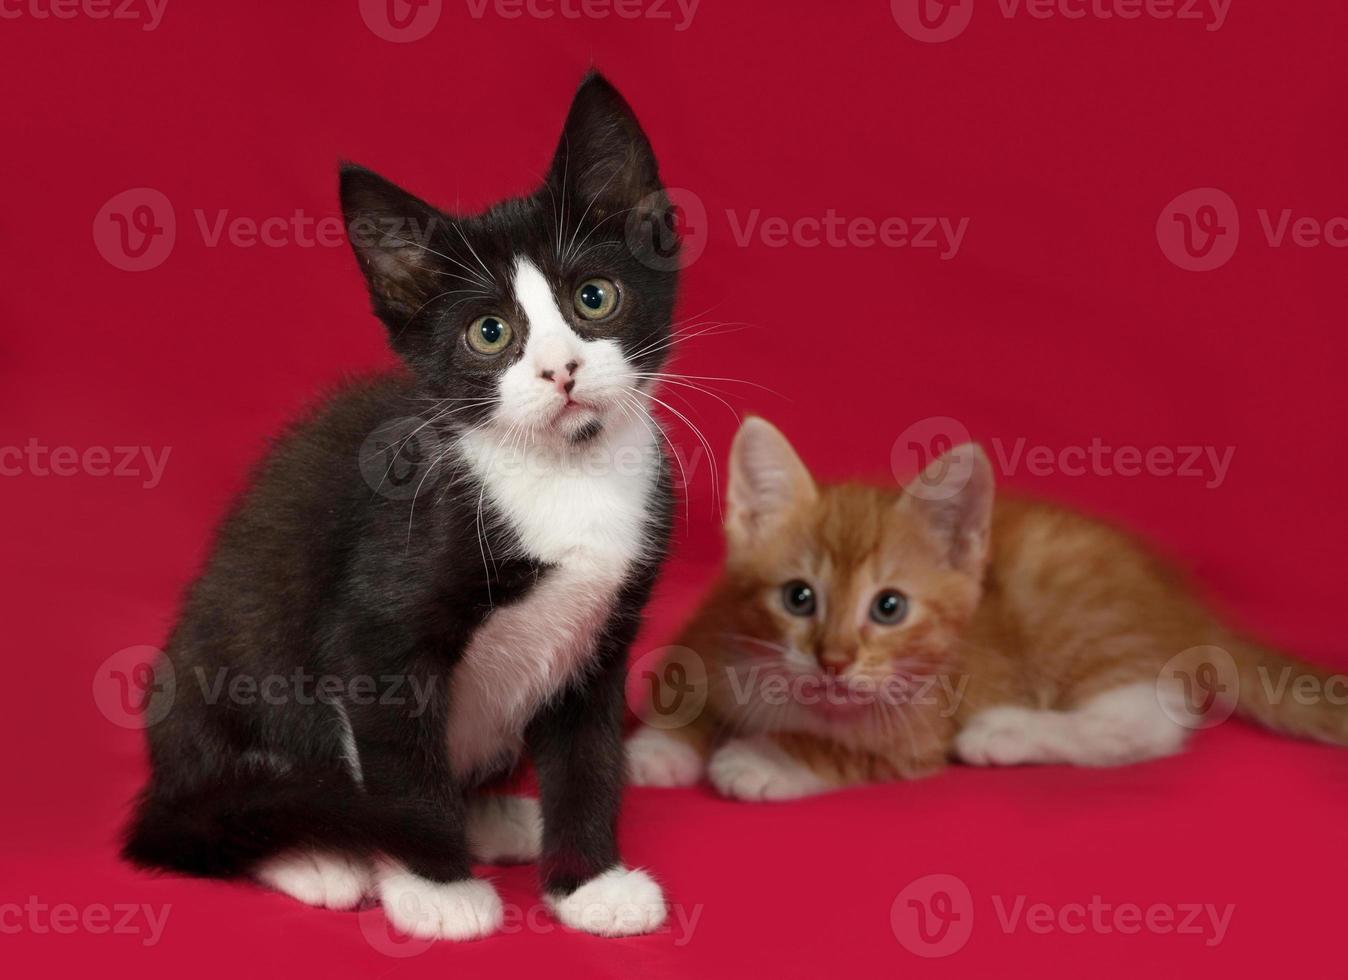 due gattino, bianco e rosso e bianco seduto sul rosso foto